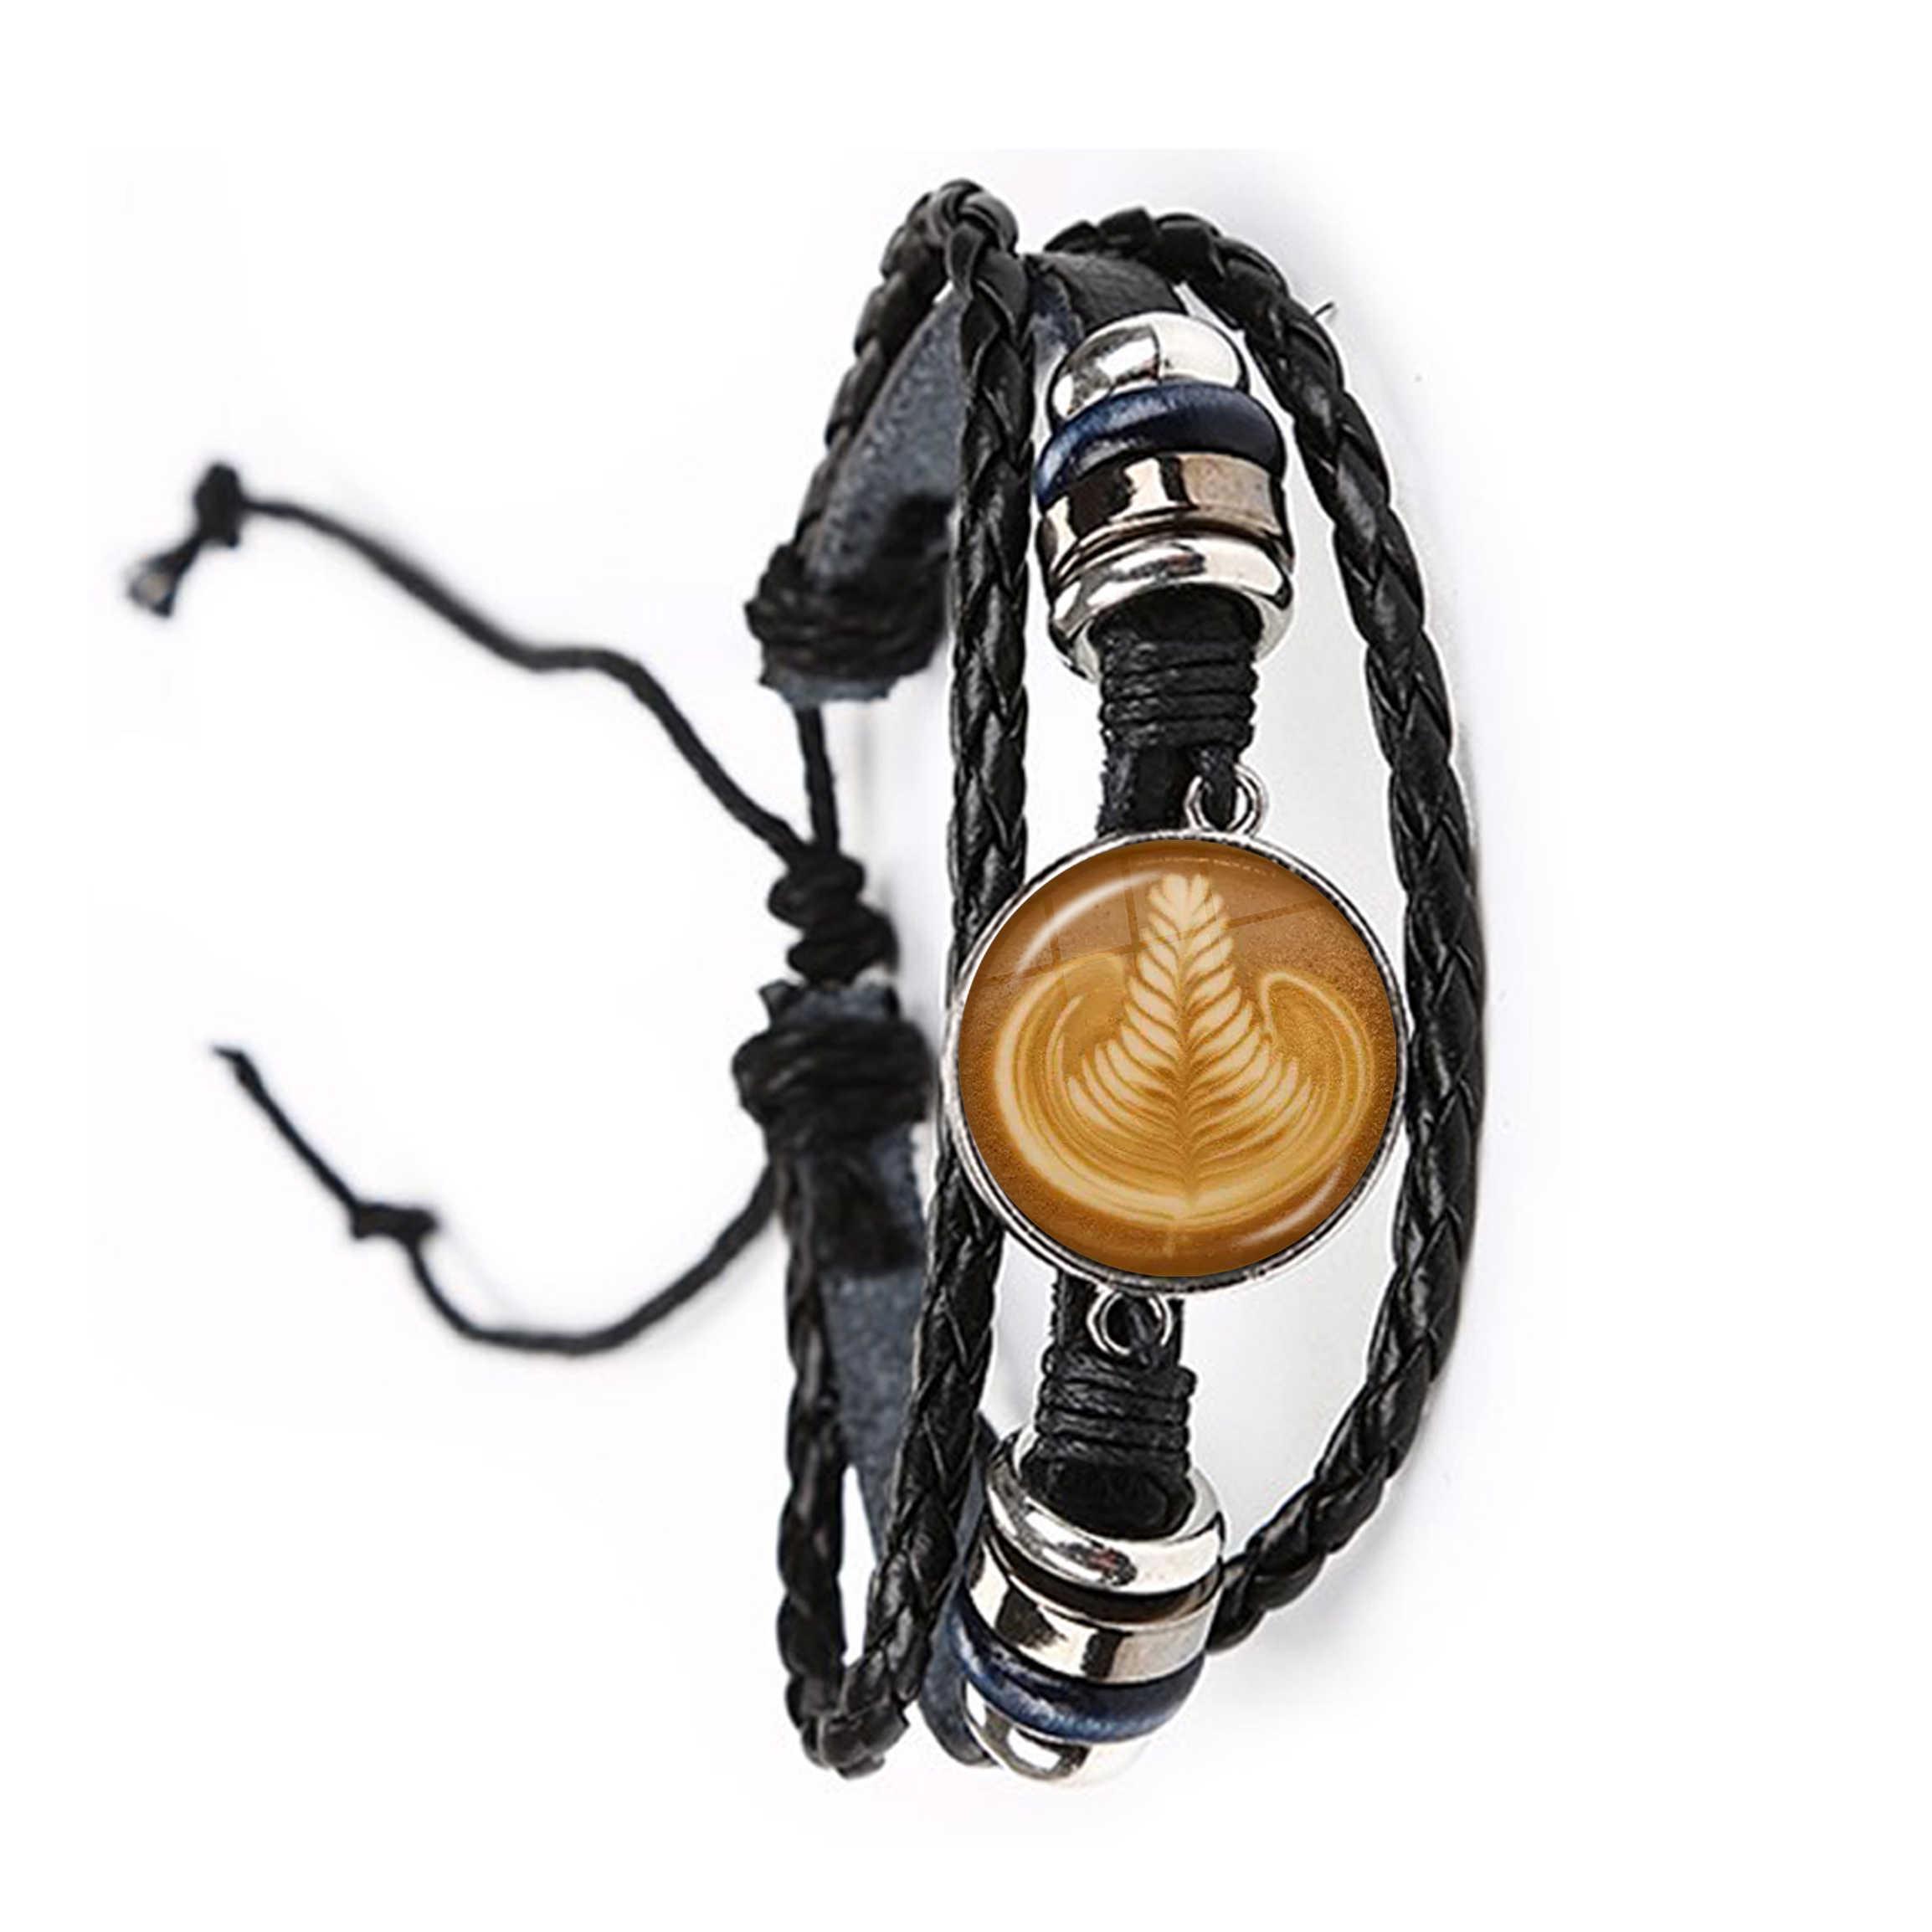 コーヒーラテ彫刻曼荼羅ガラスカボション革ブレスレットチョコレート印刷 4 葉のクローバーのための男性